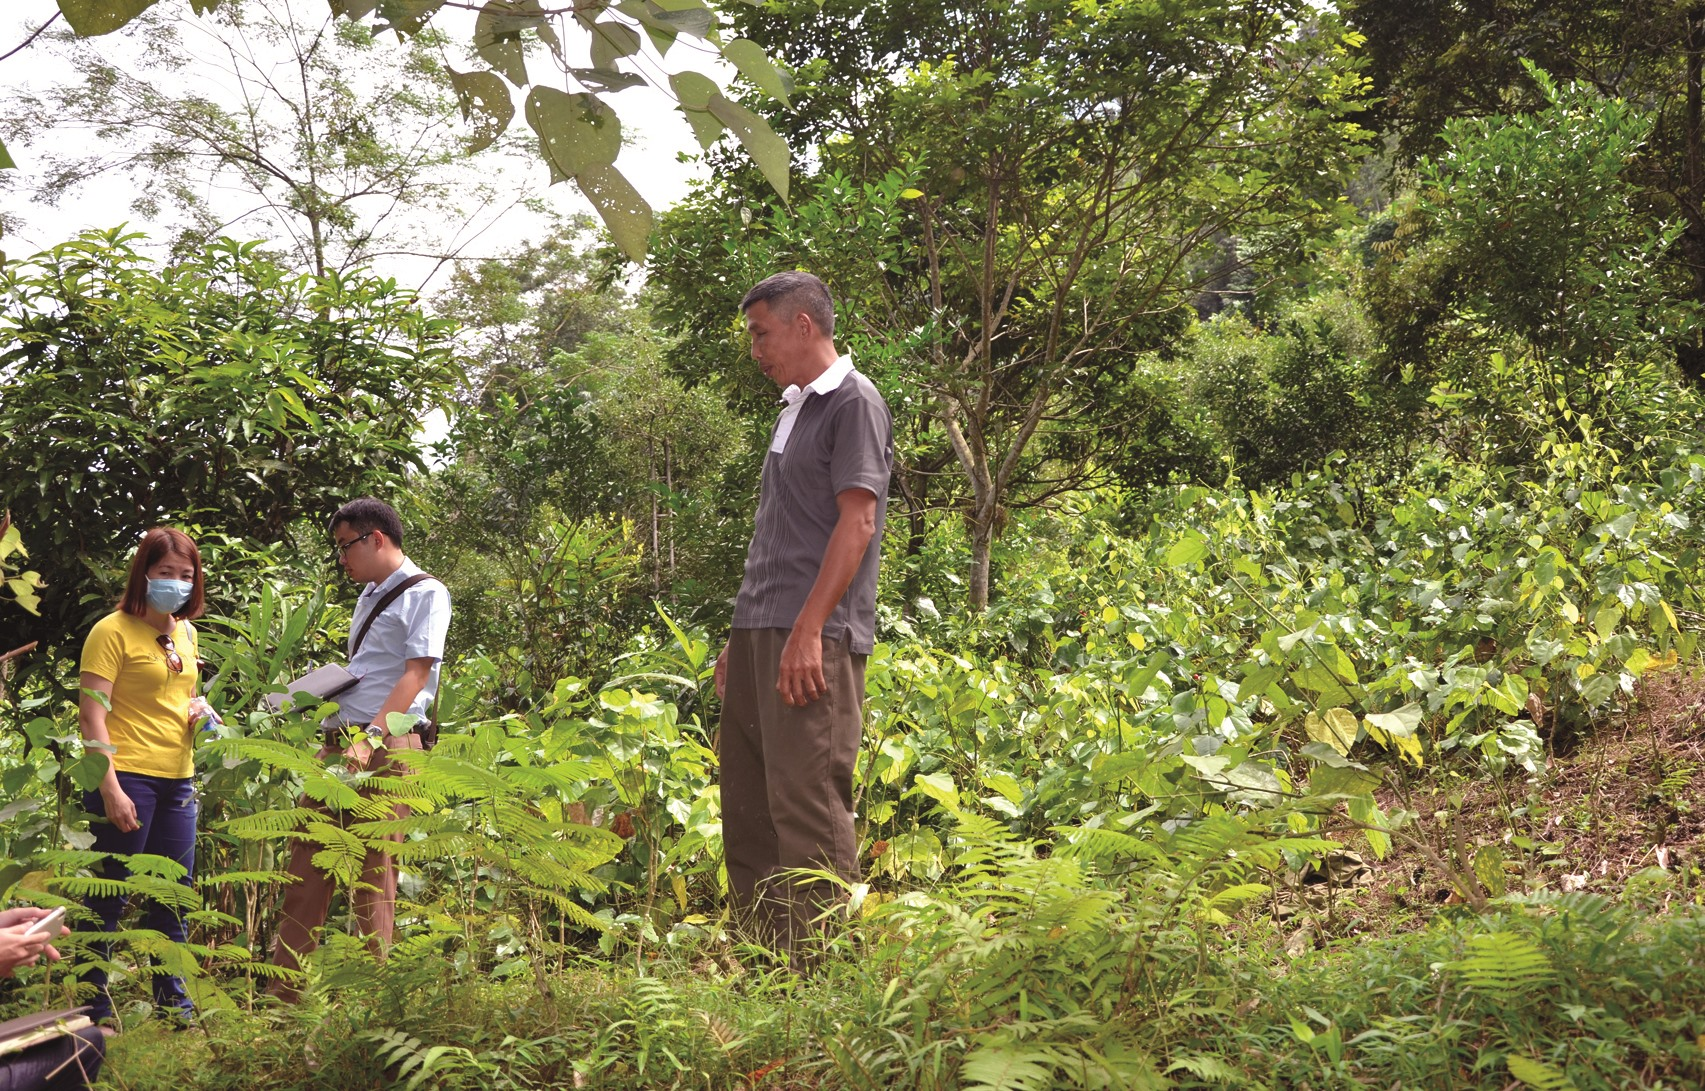 Mô hình vườn rừng nông - lâm kết hợp có khả năng hấp thụ các-bon cao gấp 4 lần so với trồng thuần loài. Ảnh: T.H